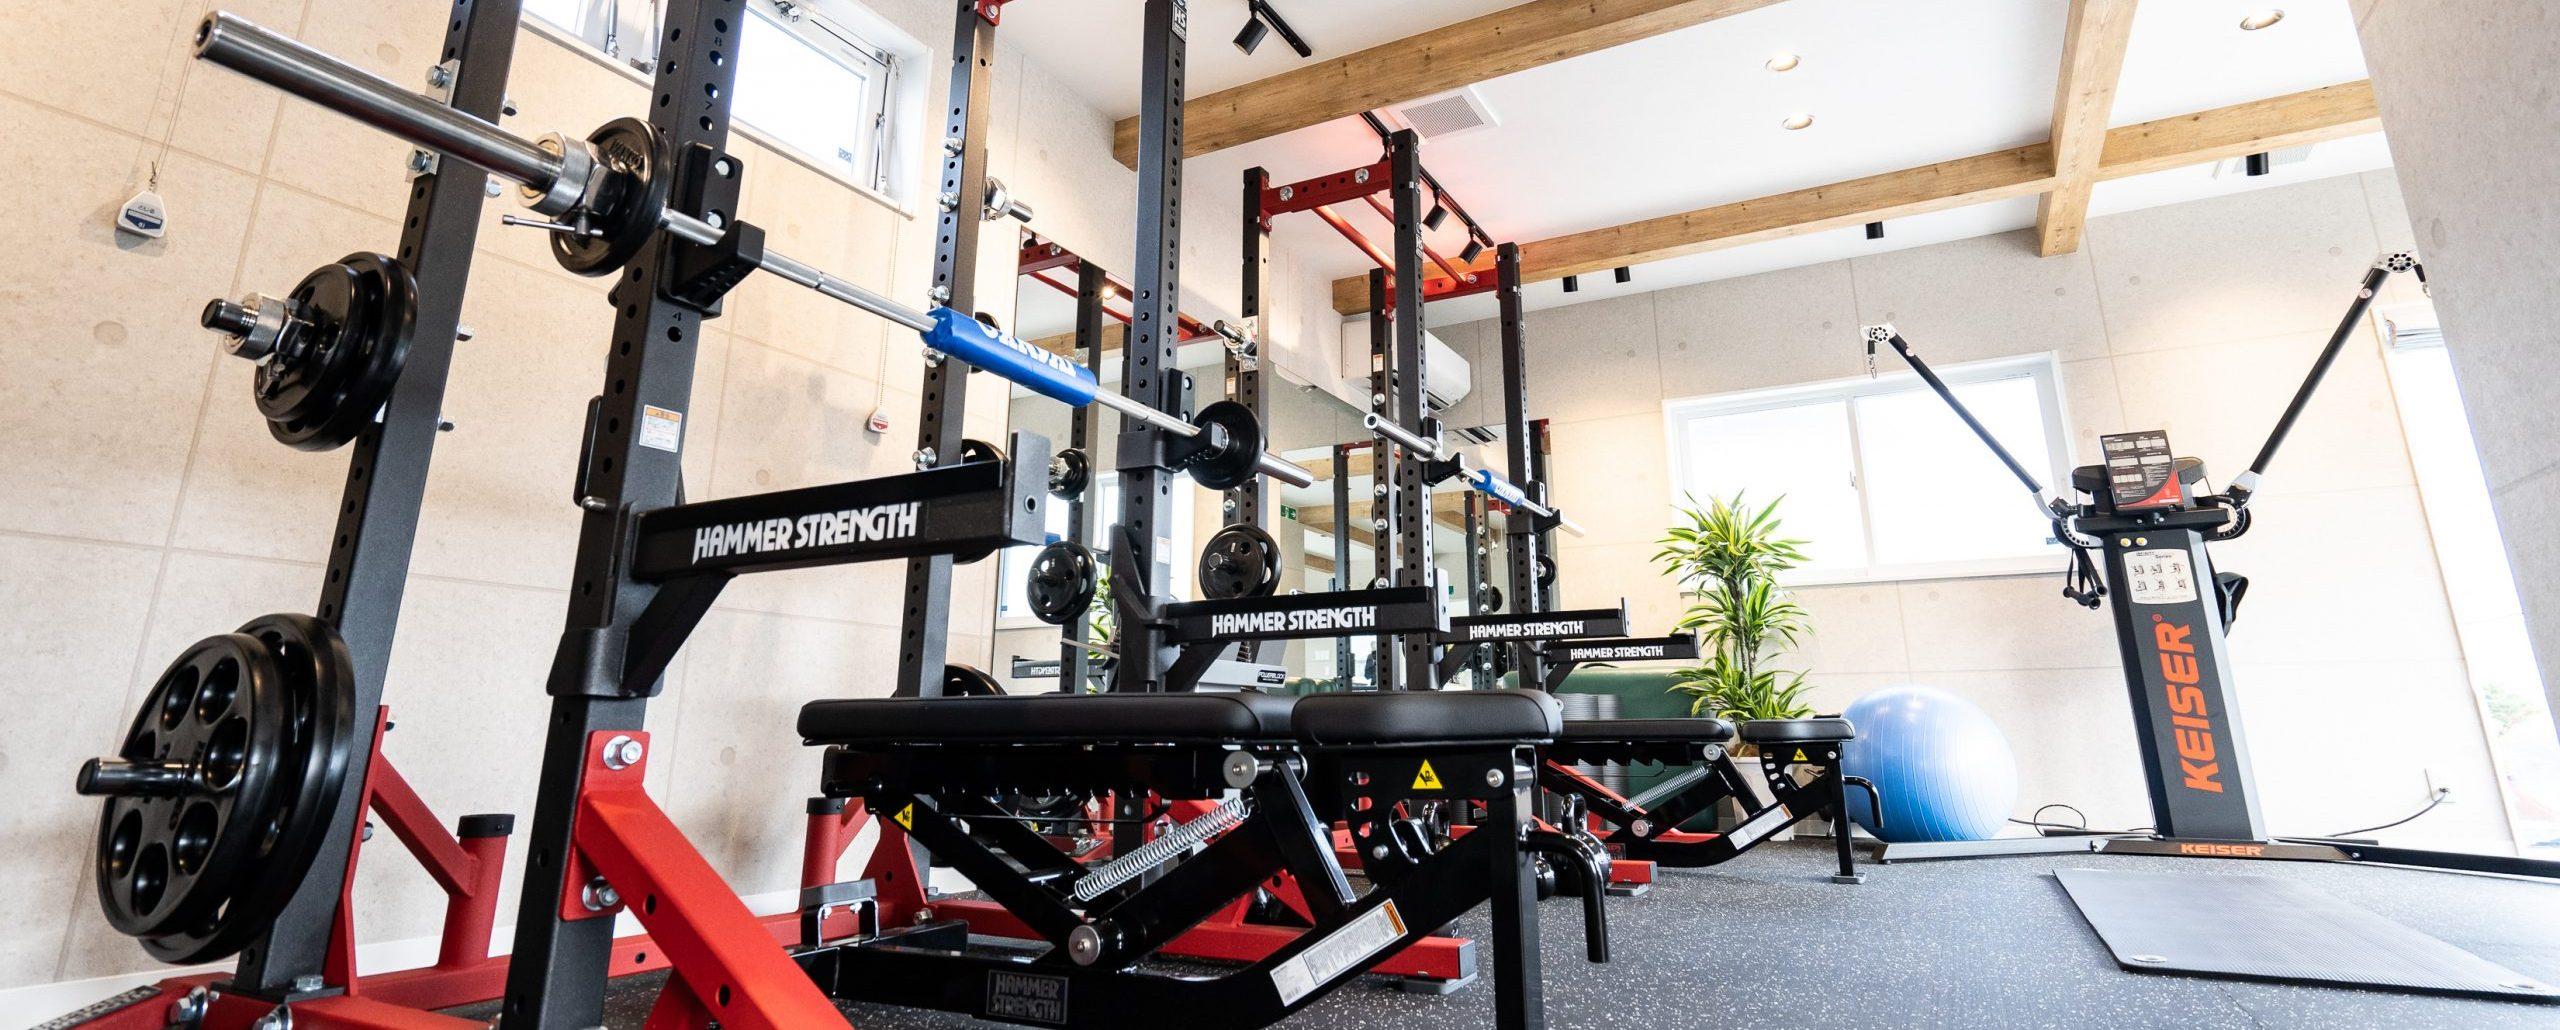 福島市のトレーニング施設はDmov Training Center